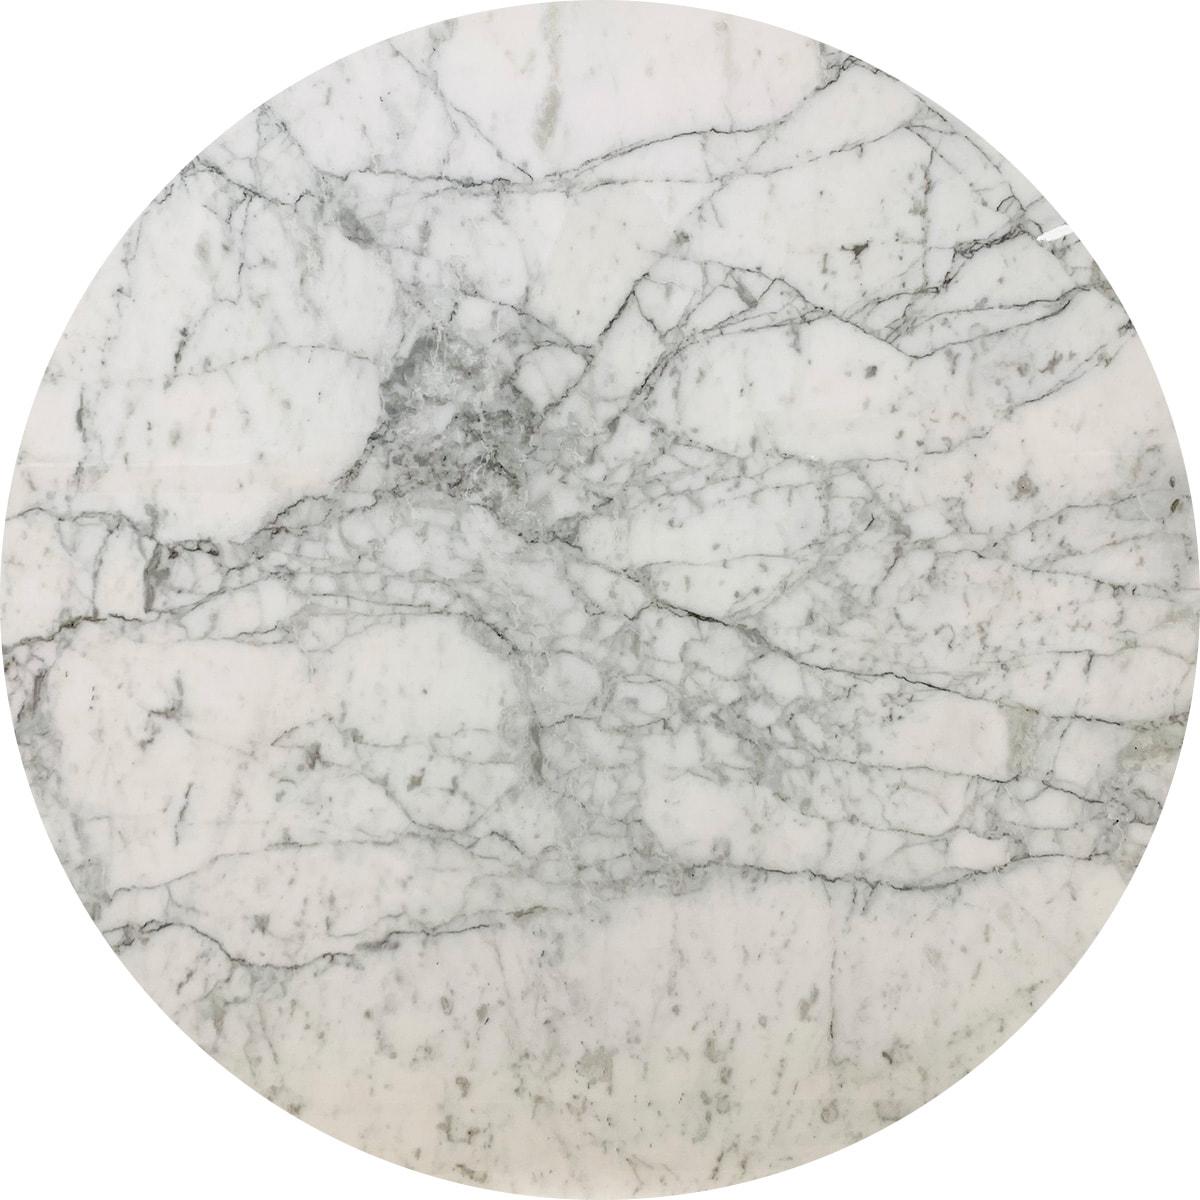 Saarinen Collection Round Tables(サーリネンテーブル) 1200mm アラベスカート 176TRMA2 (015)